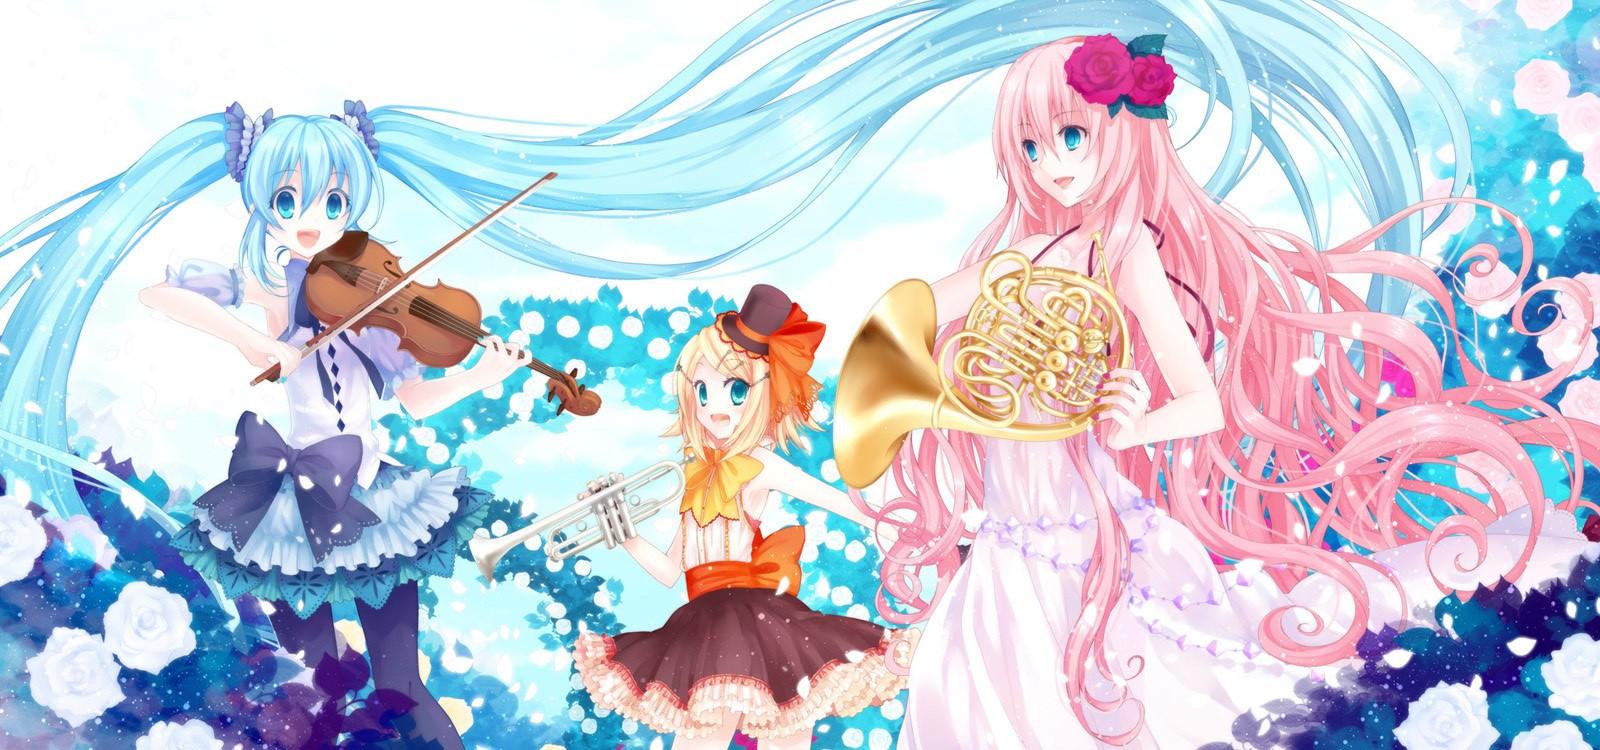 Hd wallpaper kawaii - Vocaloid Wallpaper Kawaii Anime Photo 34338282 Fanpop